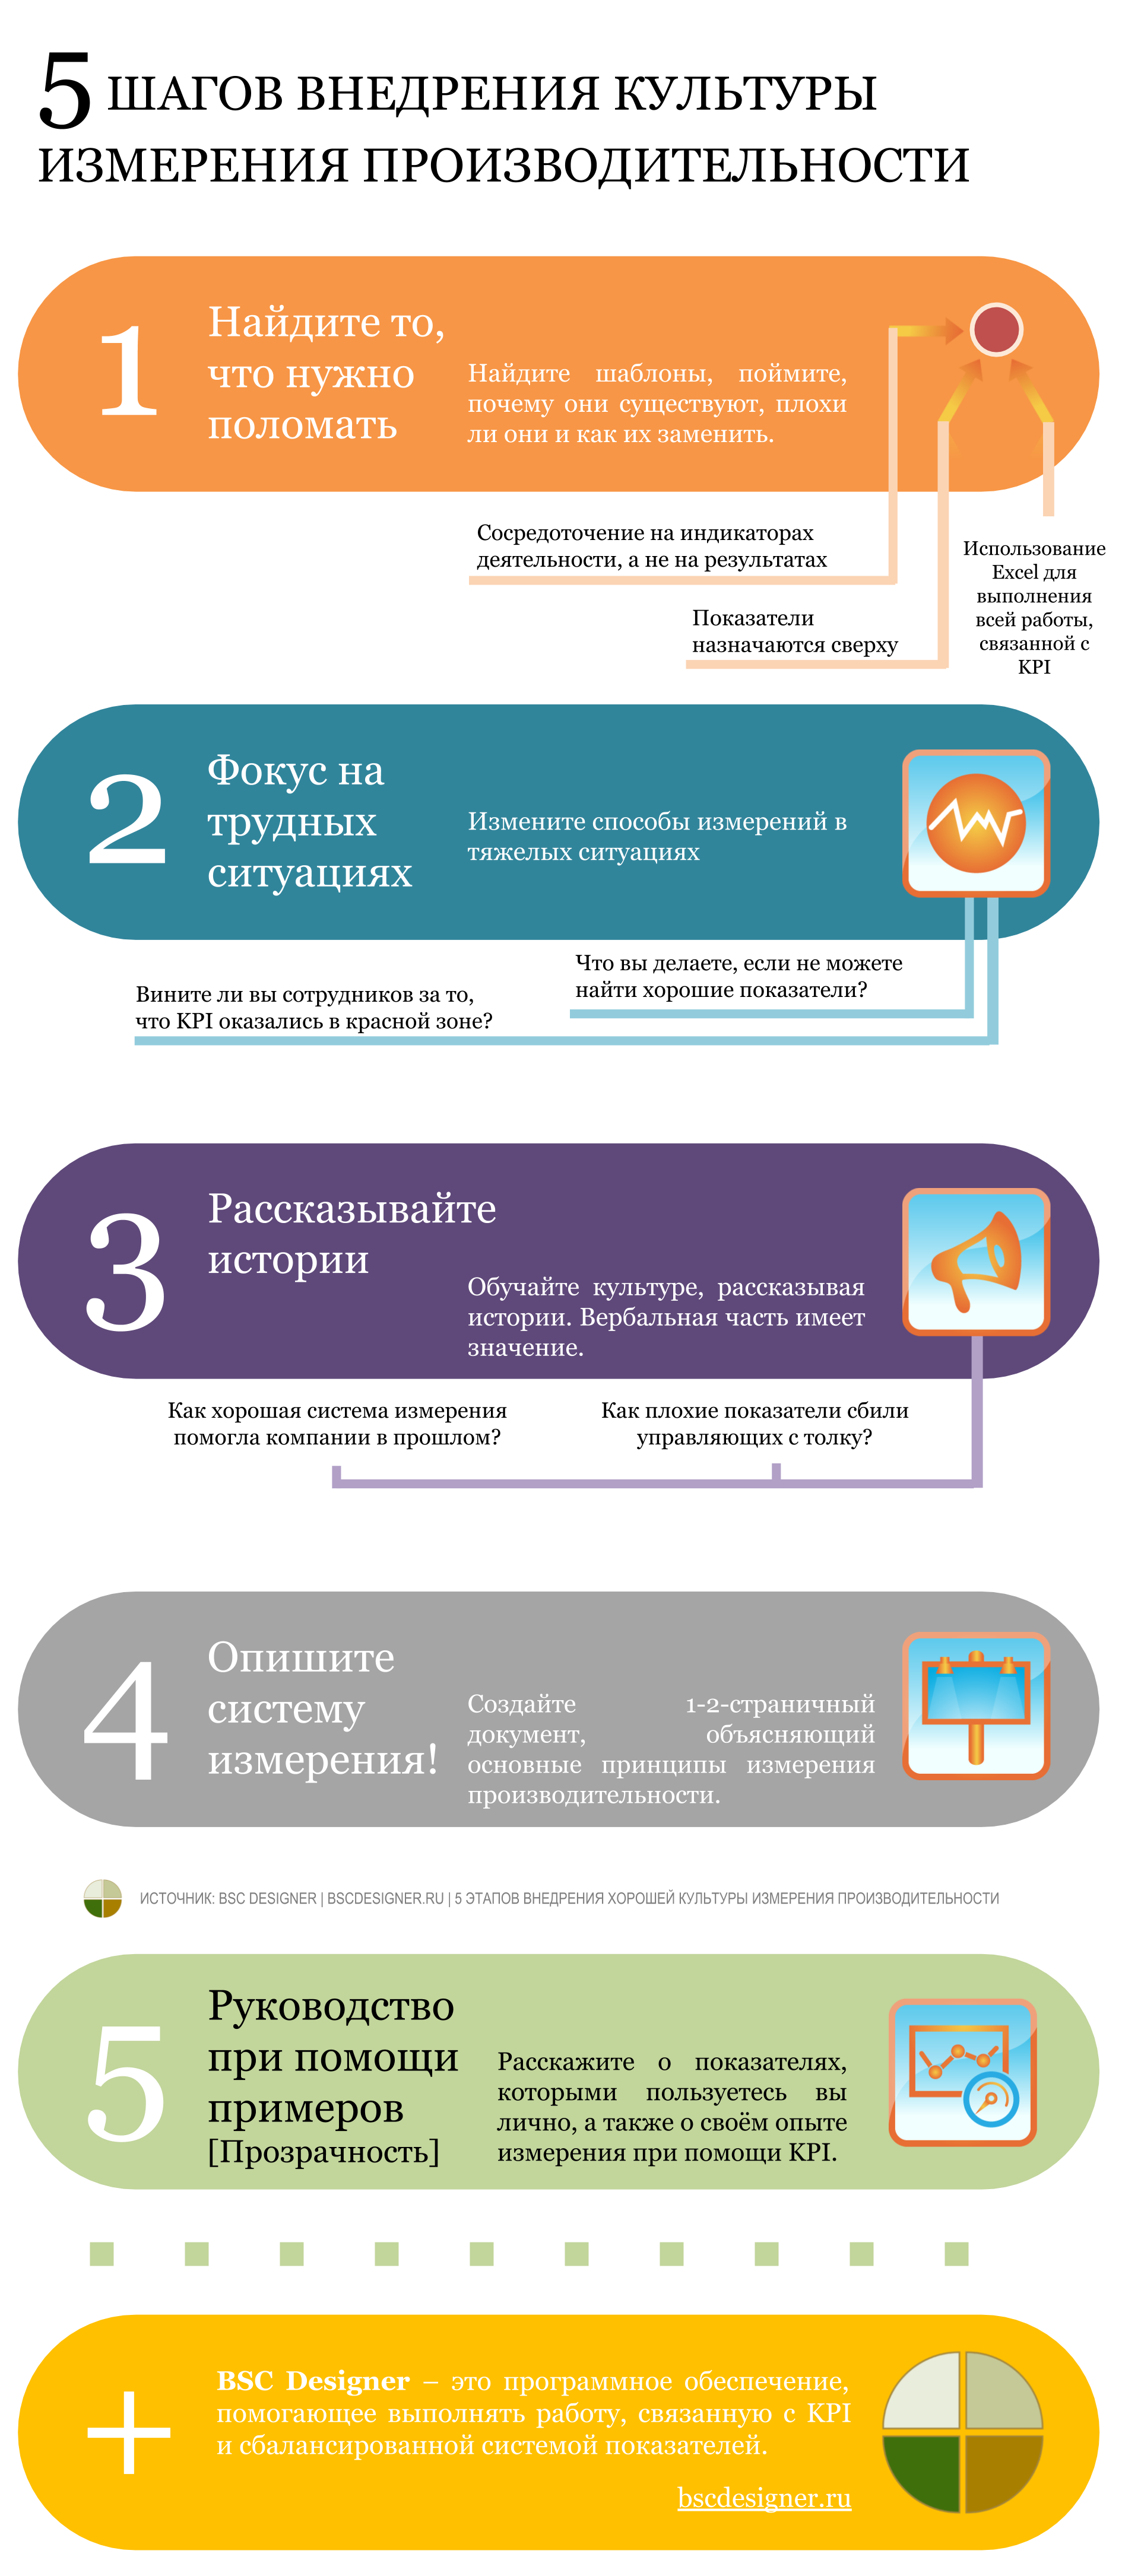 Инфографика: 5 этапов создания хорошей культуры измерения производительности